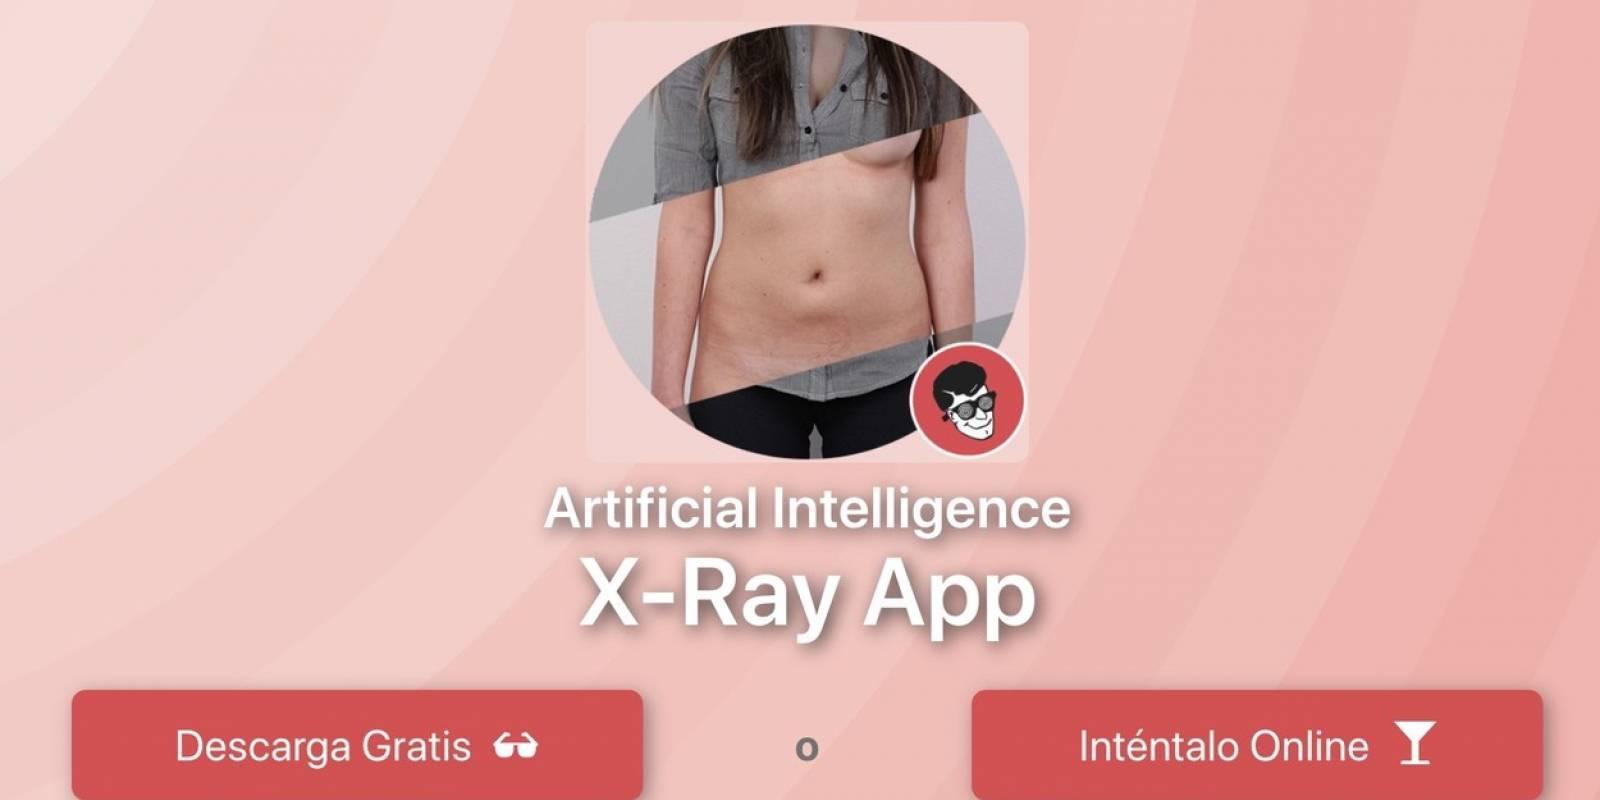 App Para Bajar Porno deepnude: la app de inteligencia artificial que desnuda con